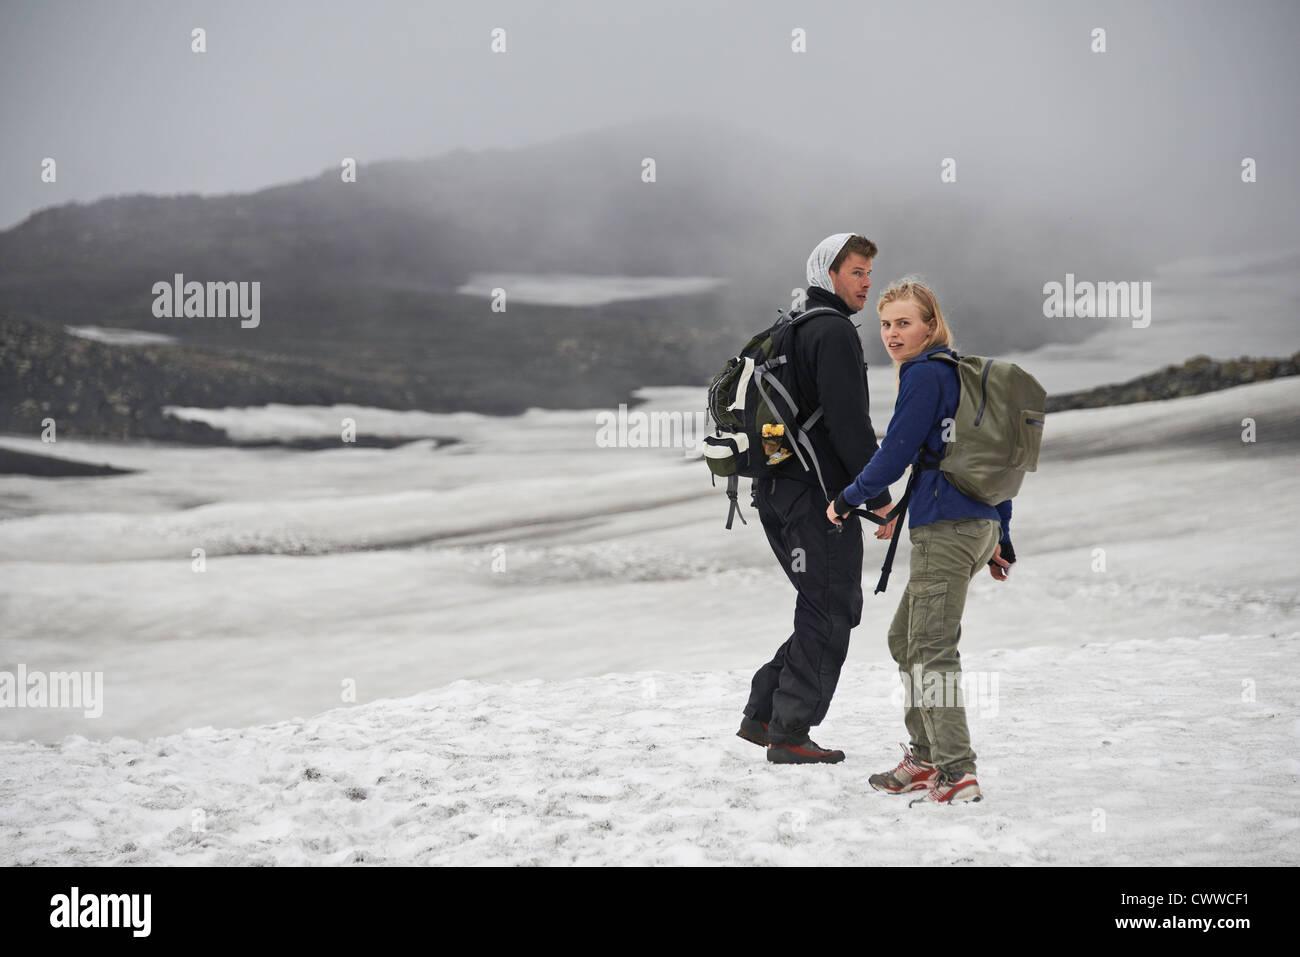 Hikers walking in snowy landscape Stock Photo